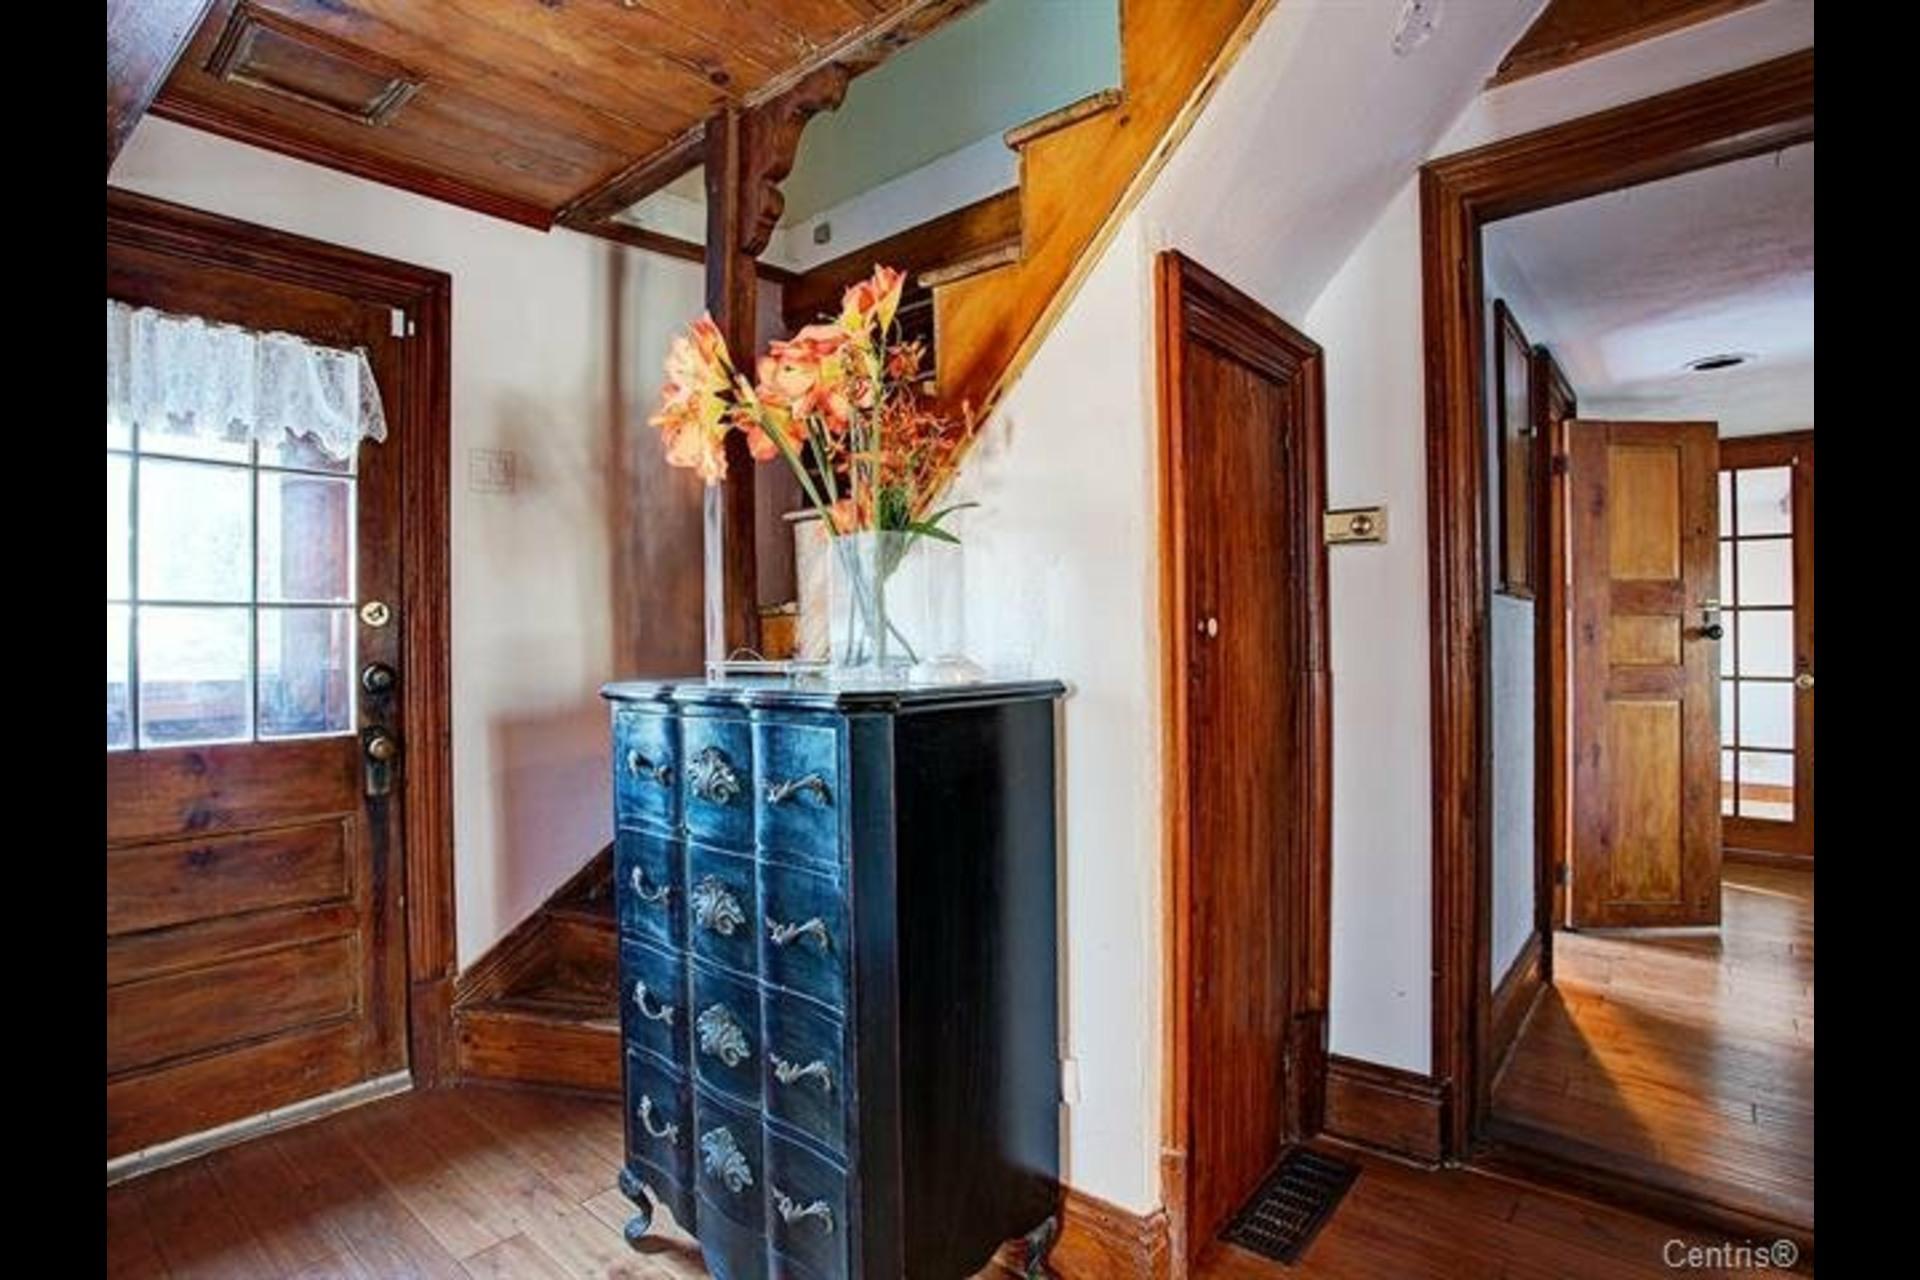 image 2 - MX - Casa sola - MX En venta Vaudreuil-Dorion - 12 habitaciones